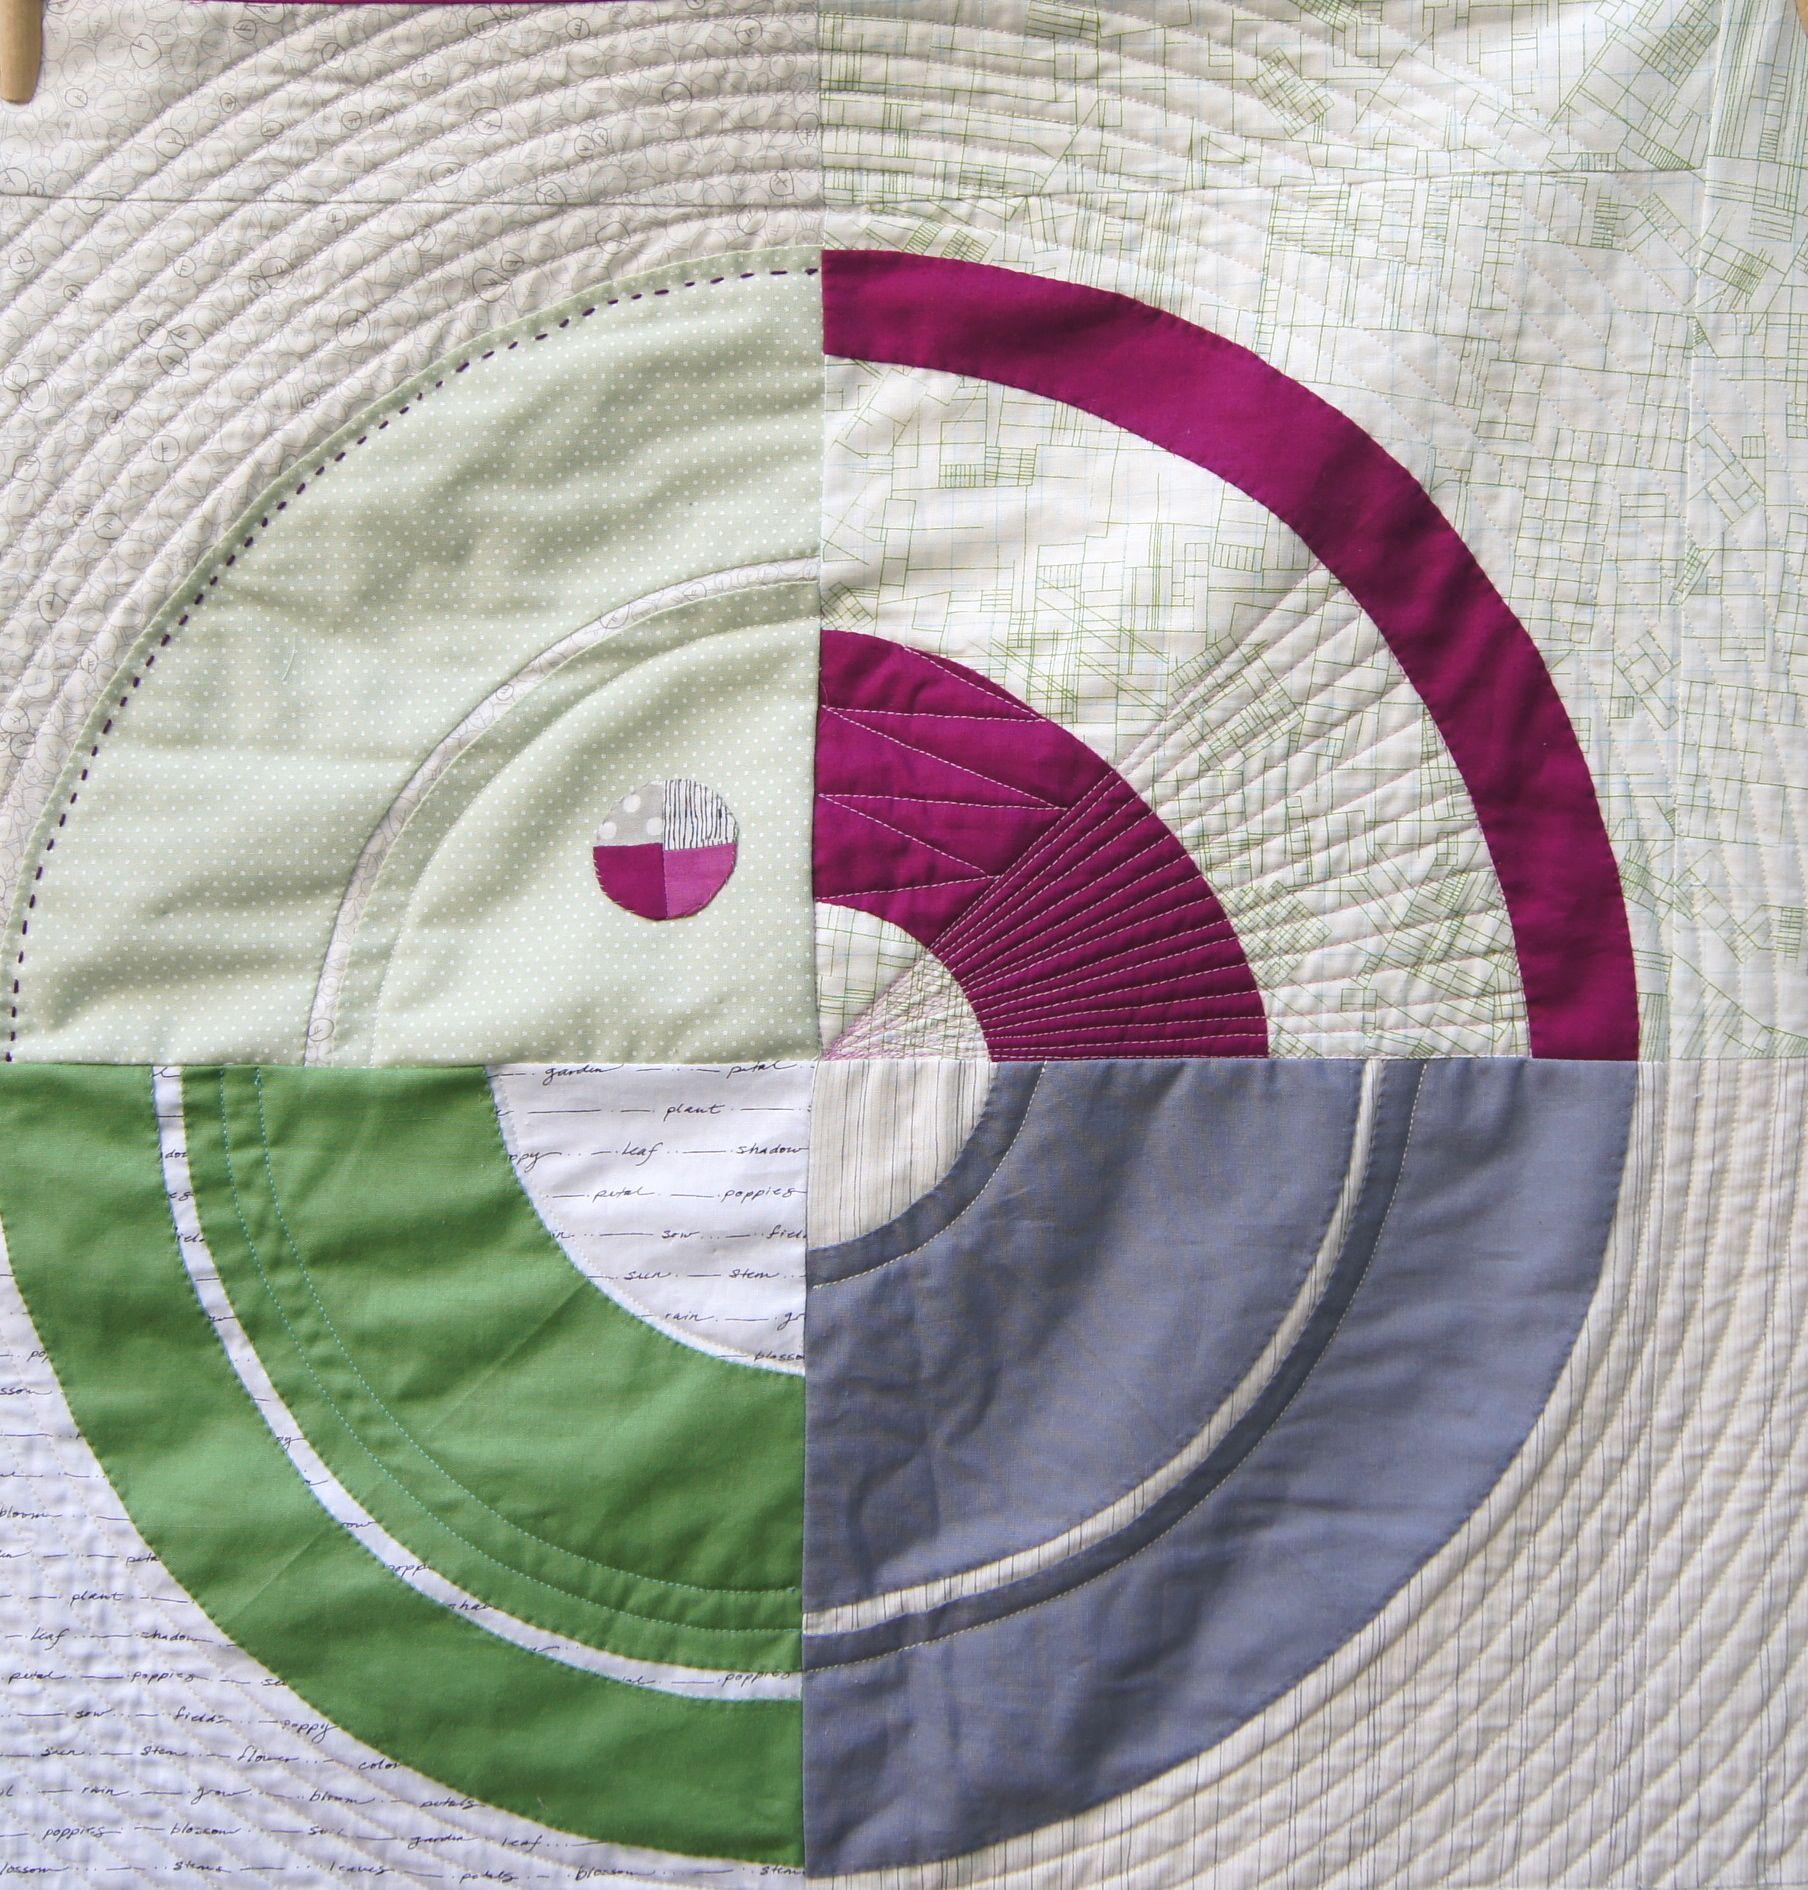 Detail, Bulls-Eye Pattern by Carolyn Friedlander